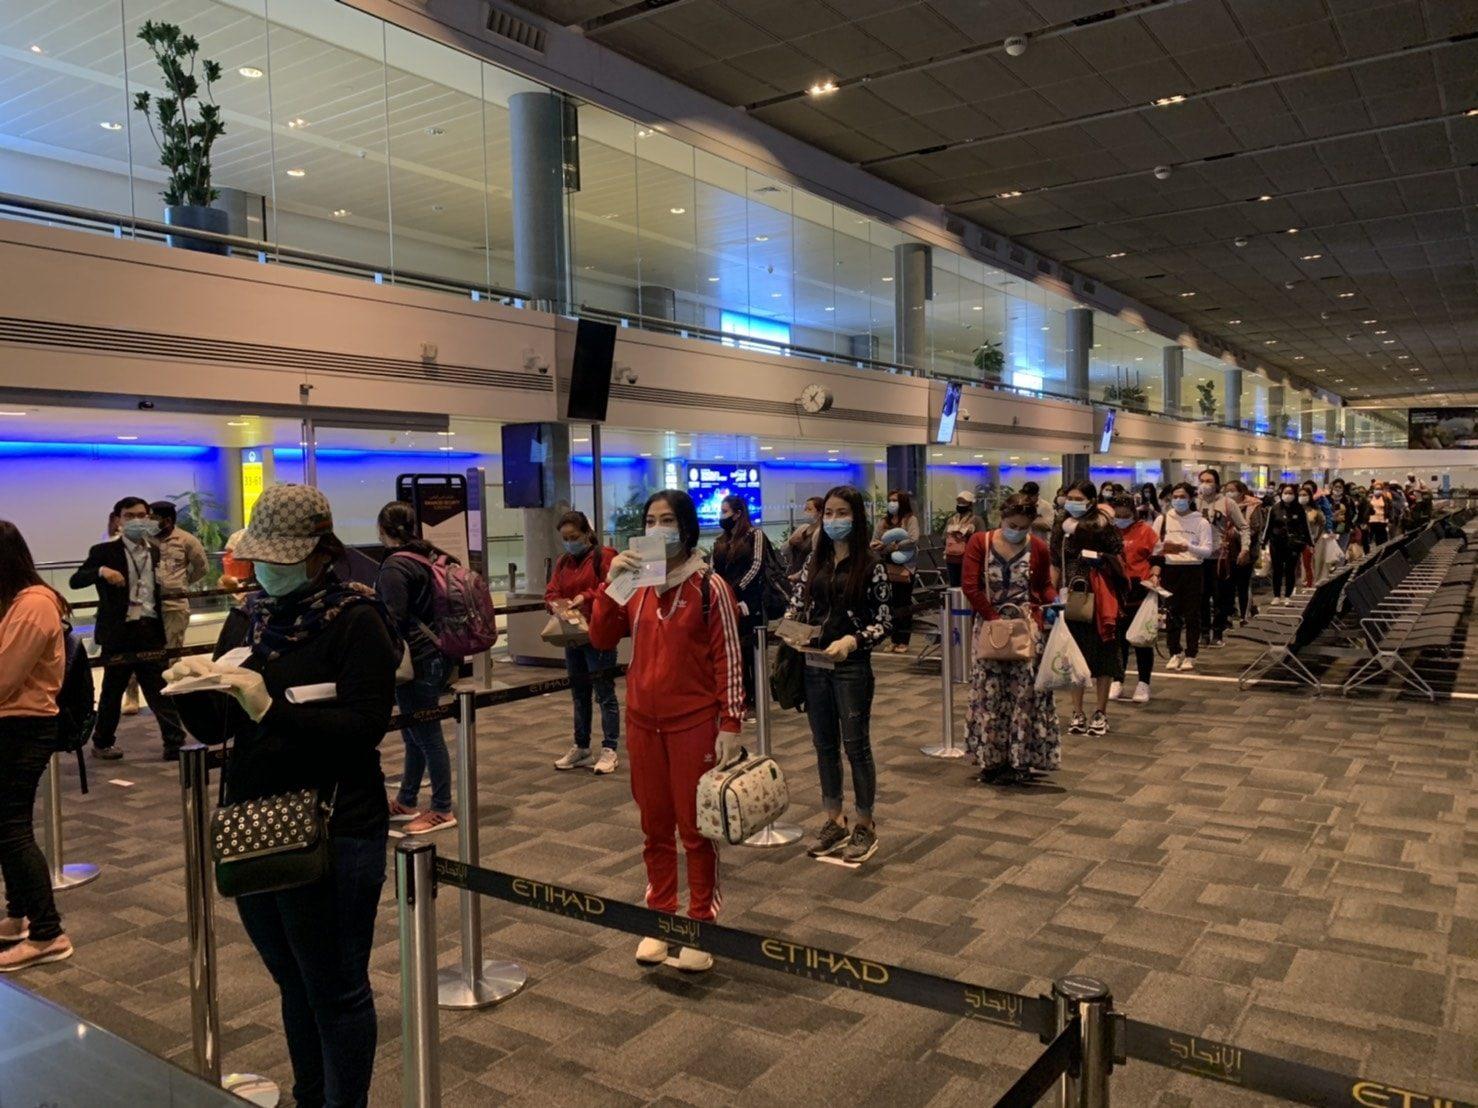 สถานทูตไทย ส่งคนไทยในยูเออีกลับไทยรอบ 2 จำนวน 119 คน